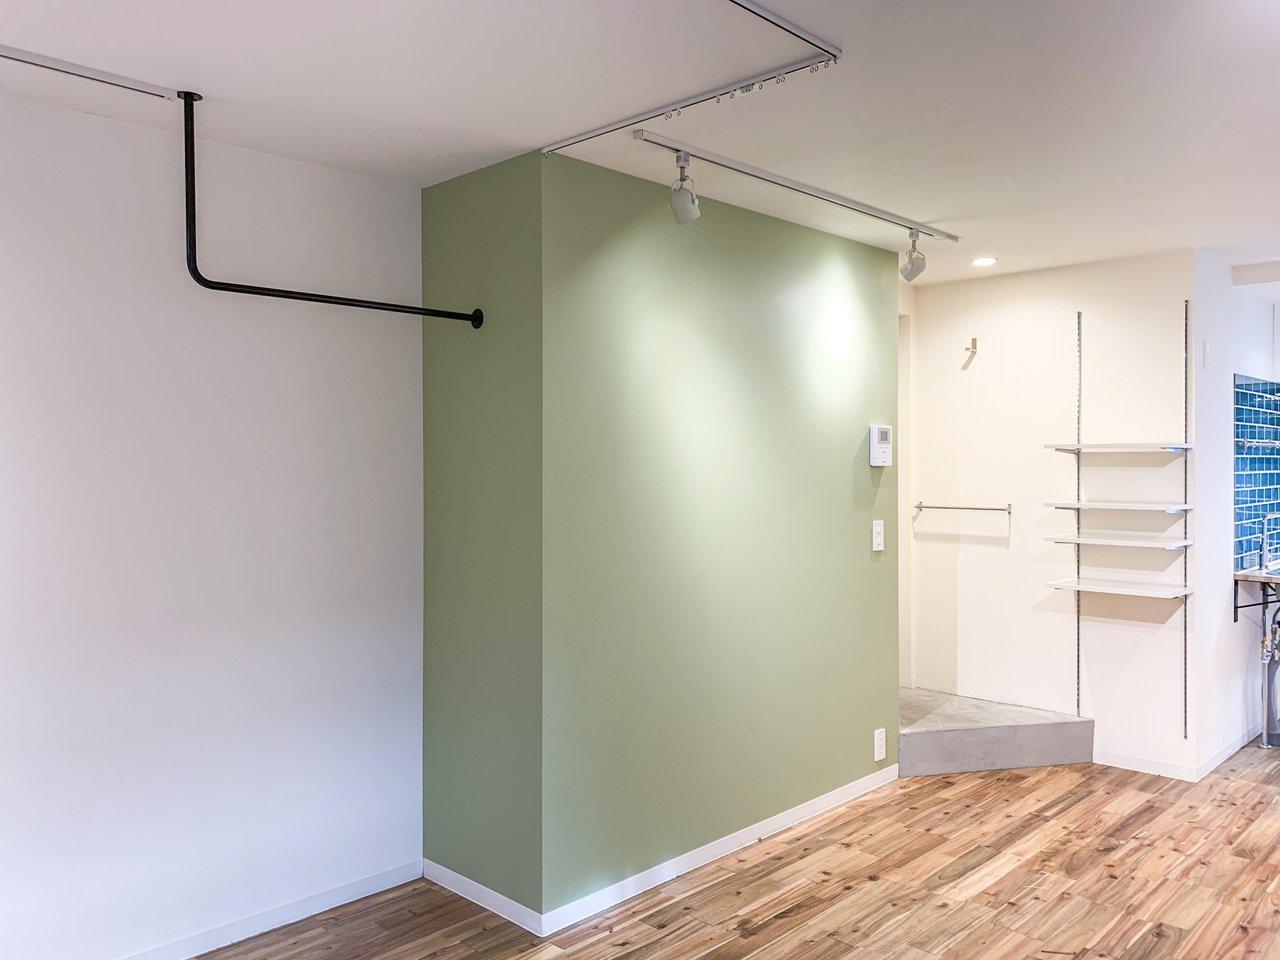 天井からはアイアンバーが伸びていて、お洋服を掛けるのはもちろん、ドライフラワーやフェイクグリーンを吊るすのも素敵。